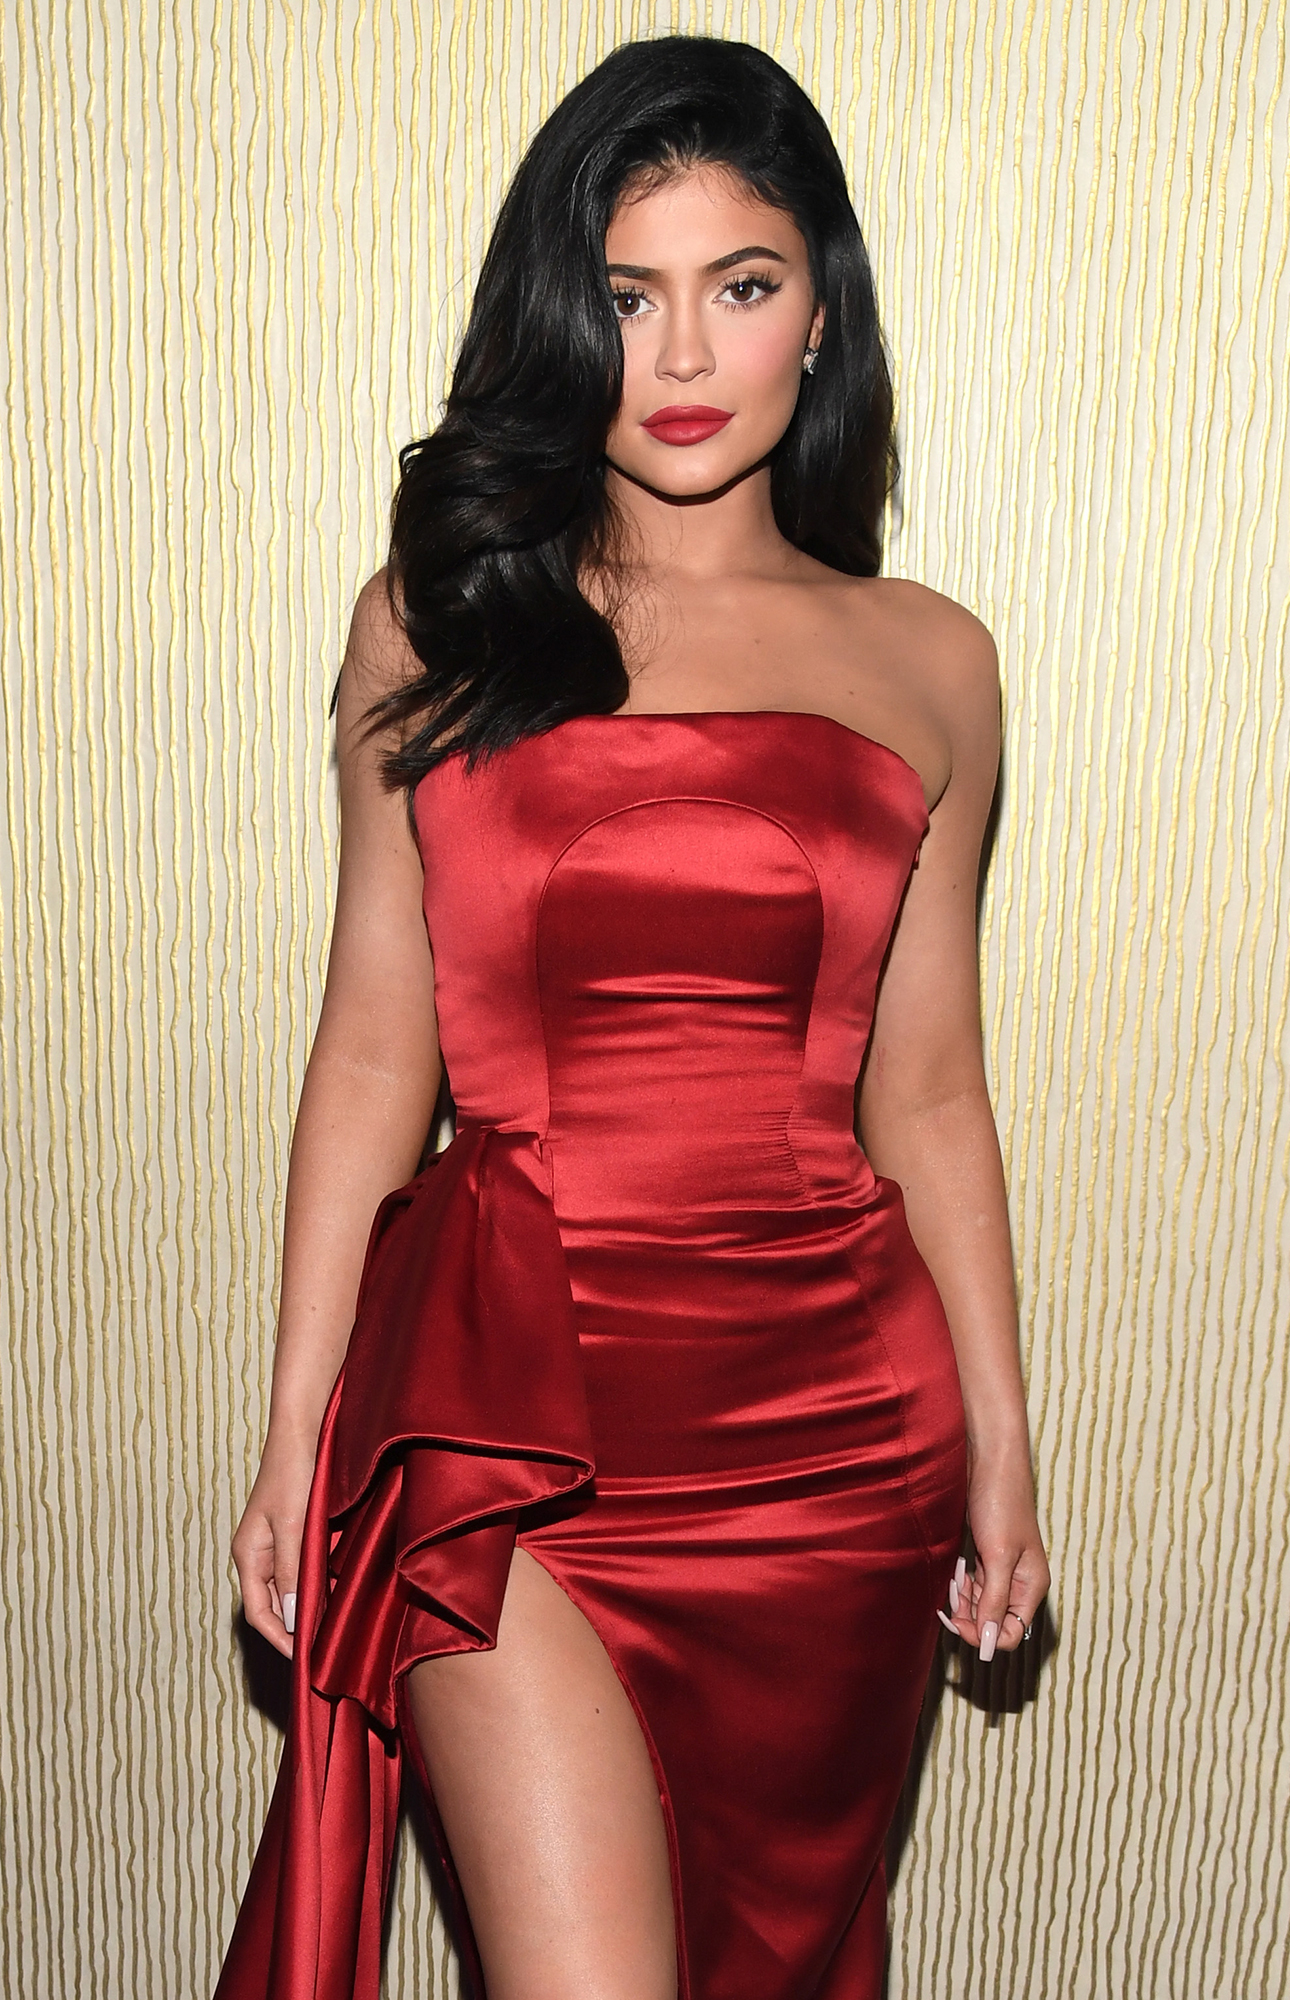 Kylie Jenner Hair Care Line - Kylie Jenner